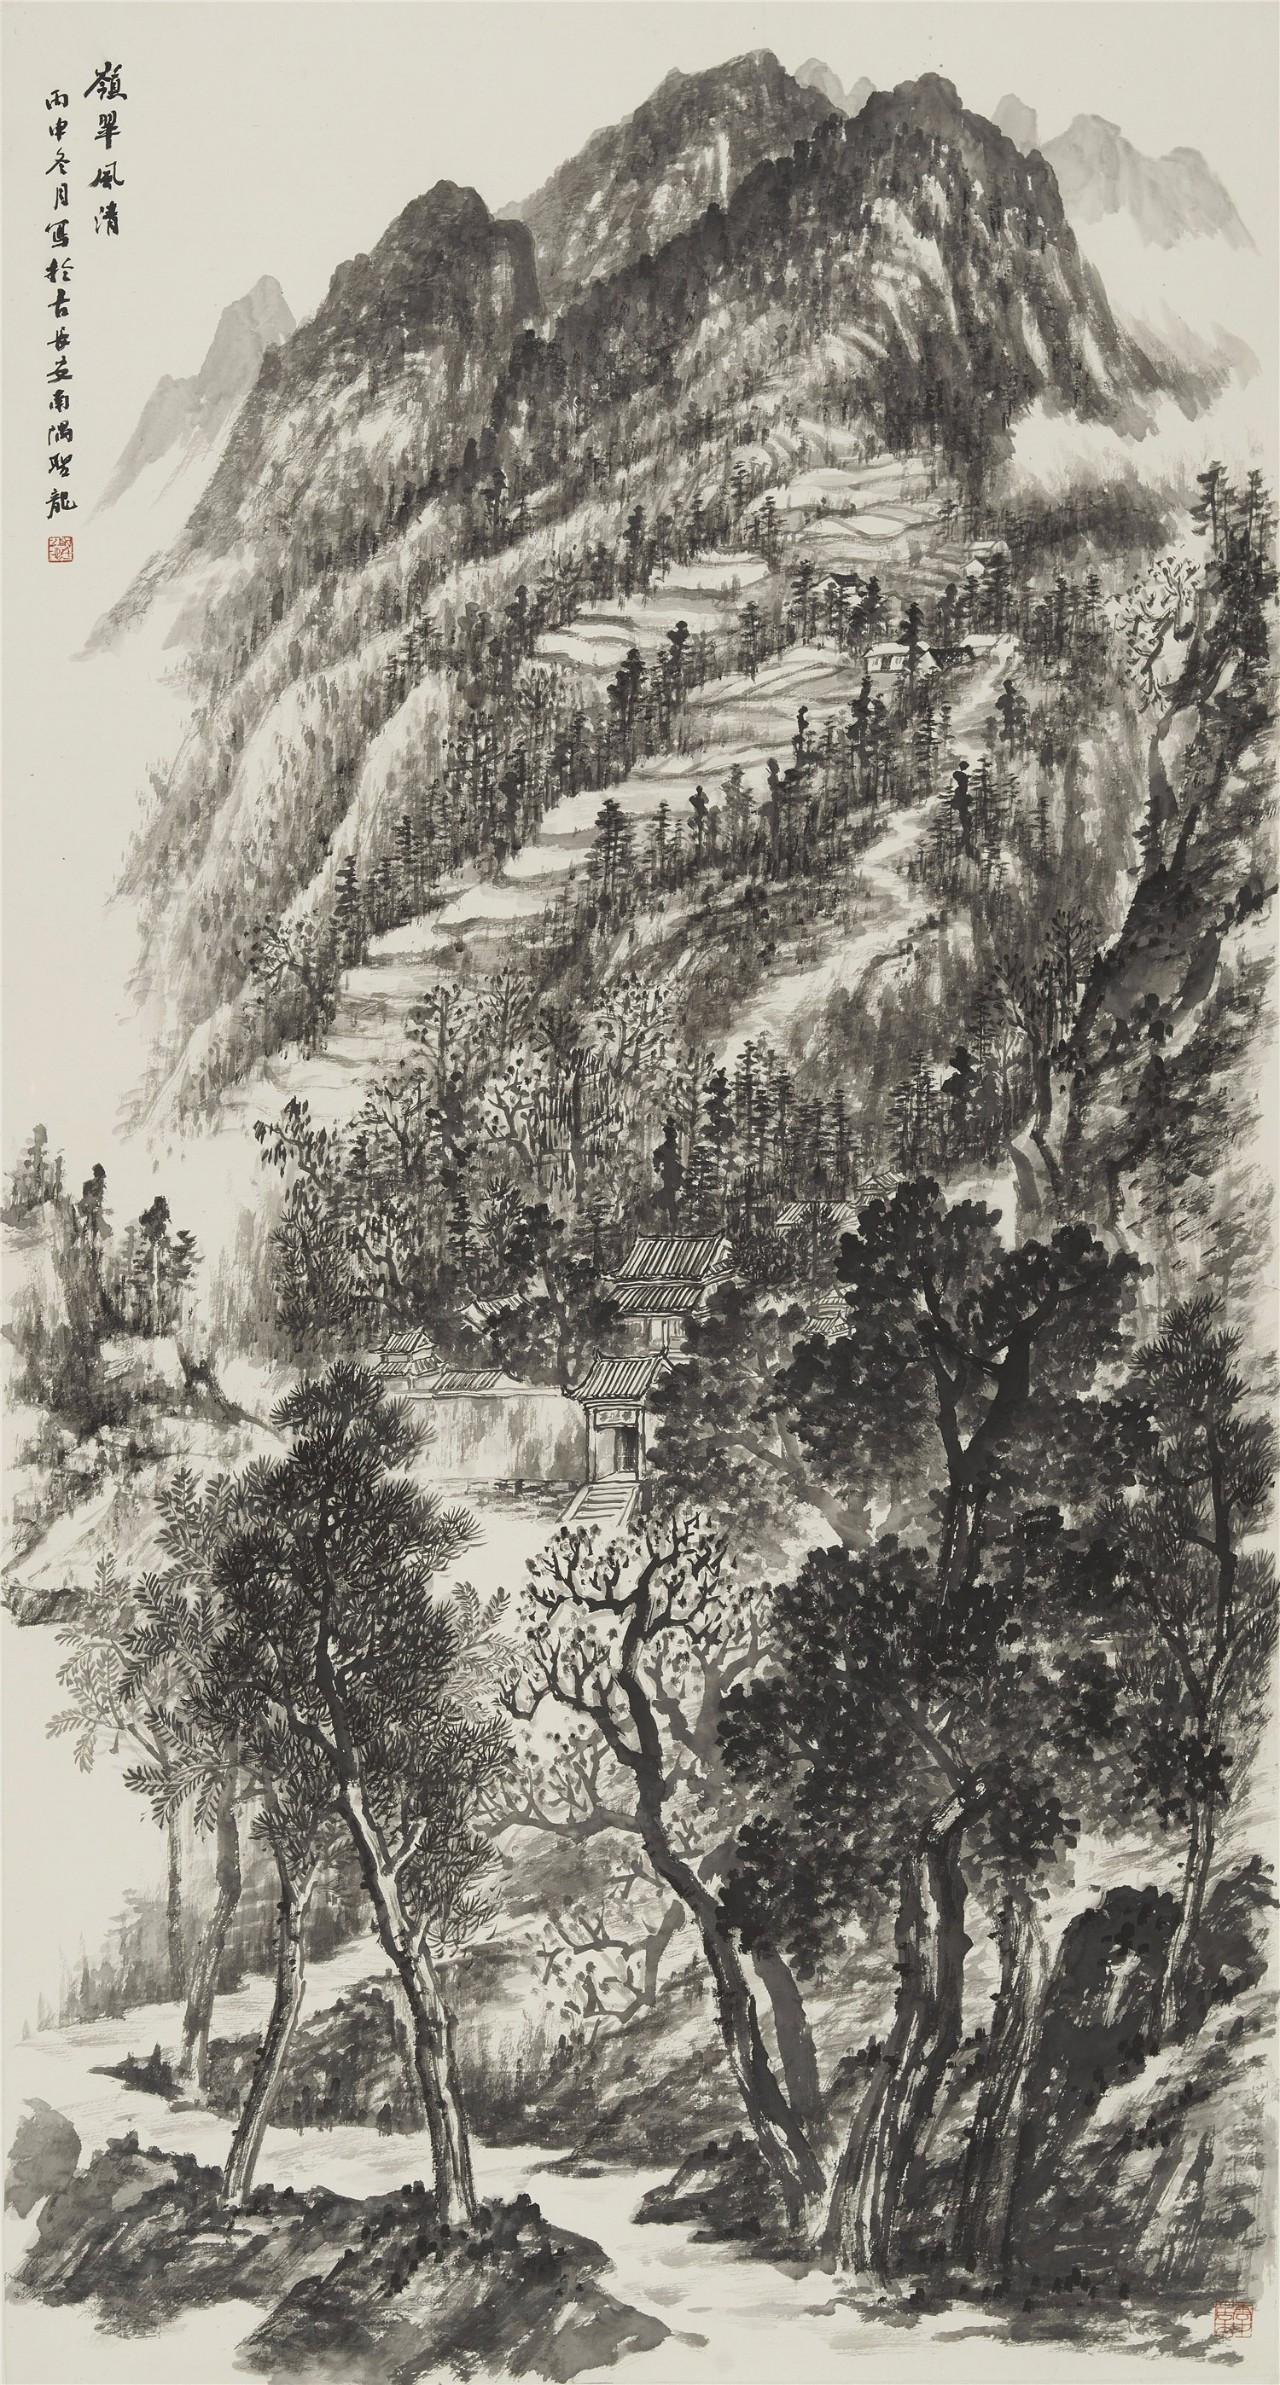 《望岳》,《溪山无尽》等多件书画作品被中央电视台,中国艺术研究院图片